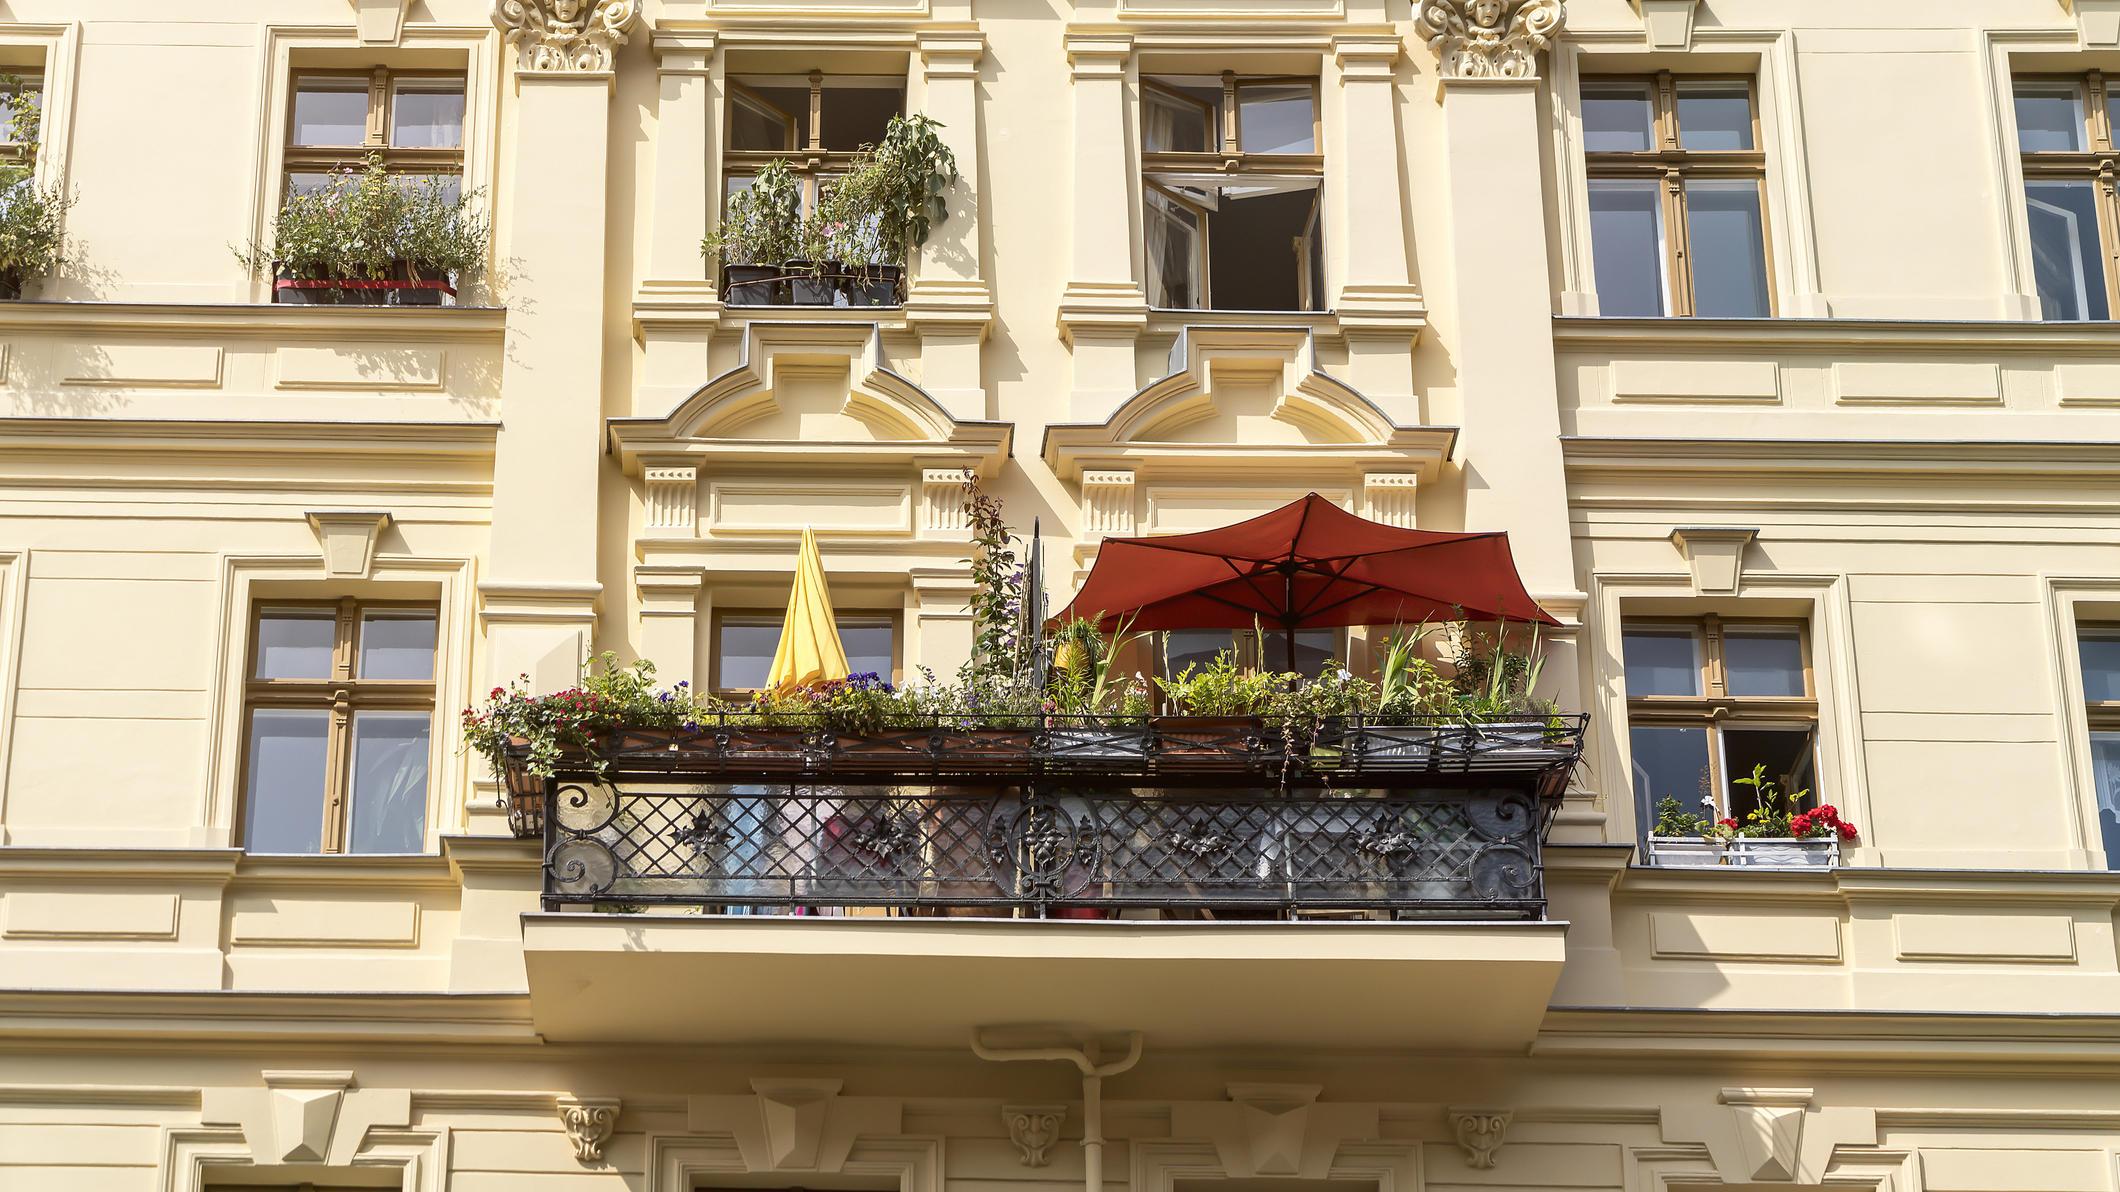 Bevorzugt Sonnenschutz für Ihren Balkon - wetter.de UJ74